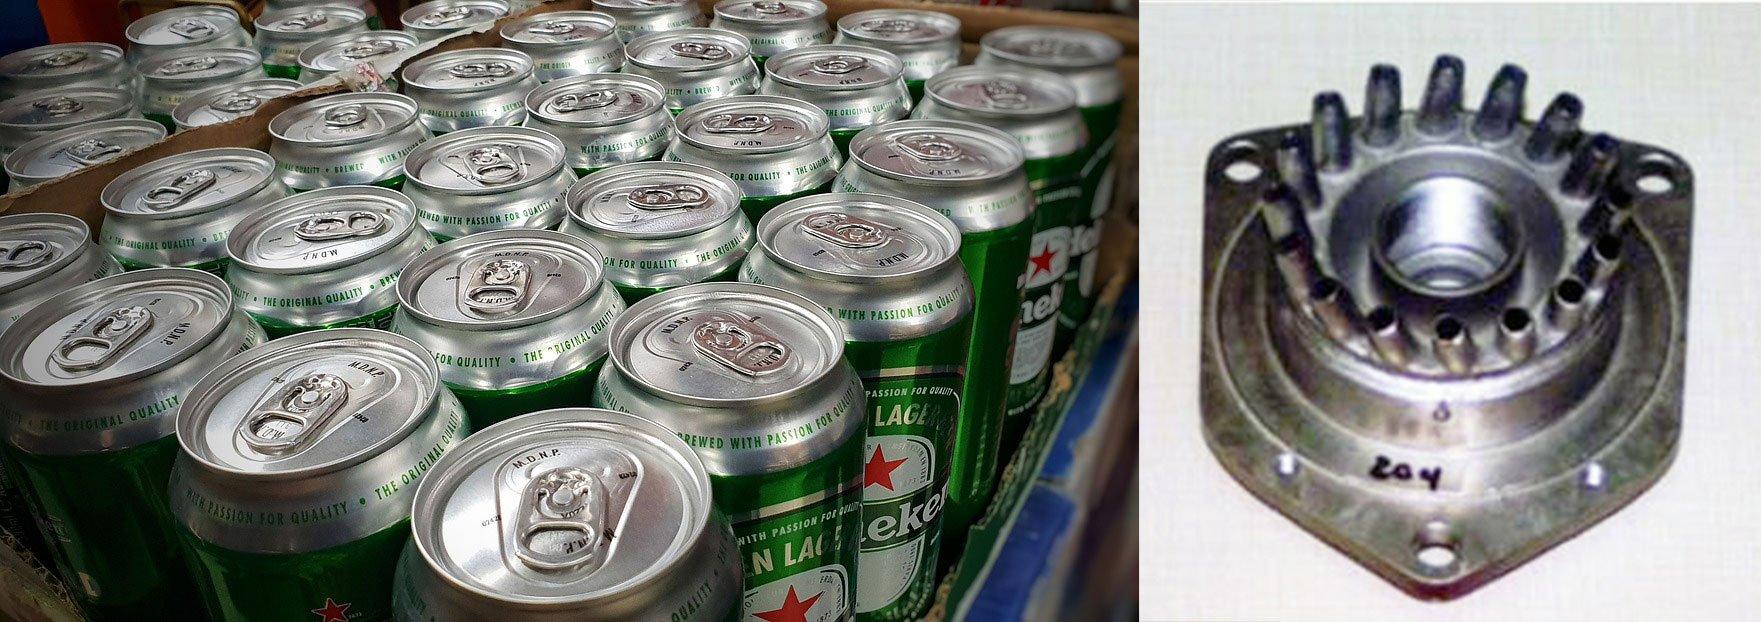 Beer-Can-Filler-Machine-Head